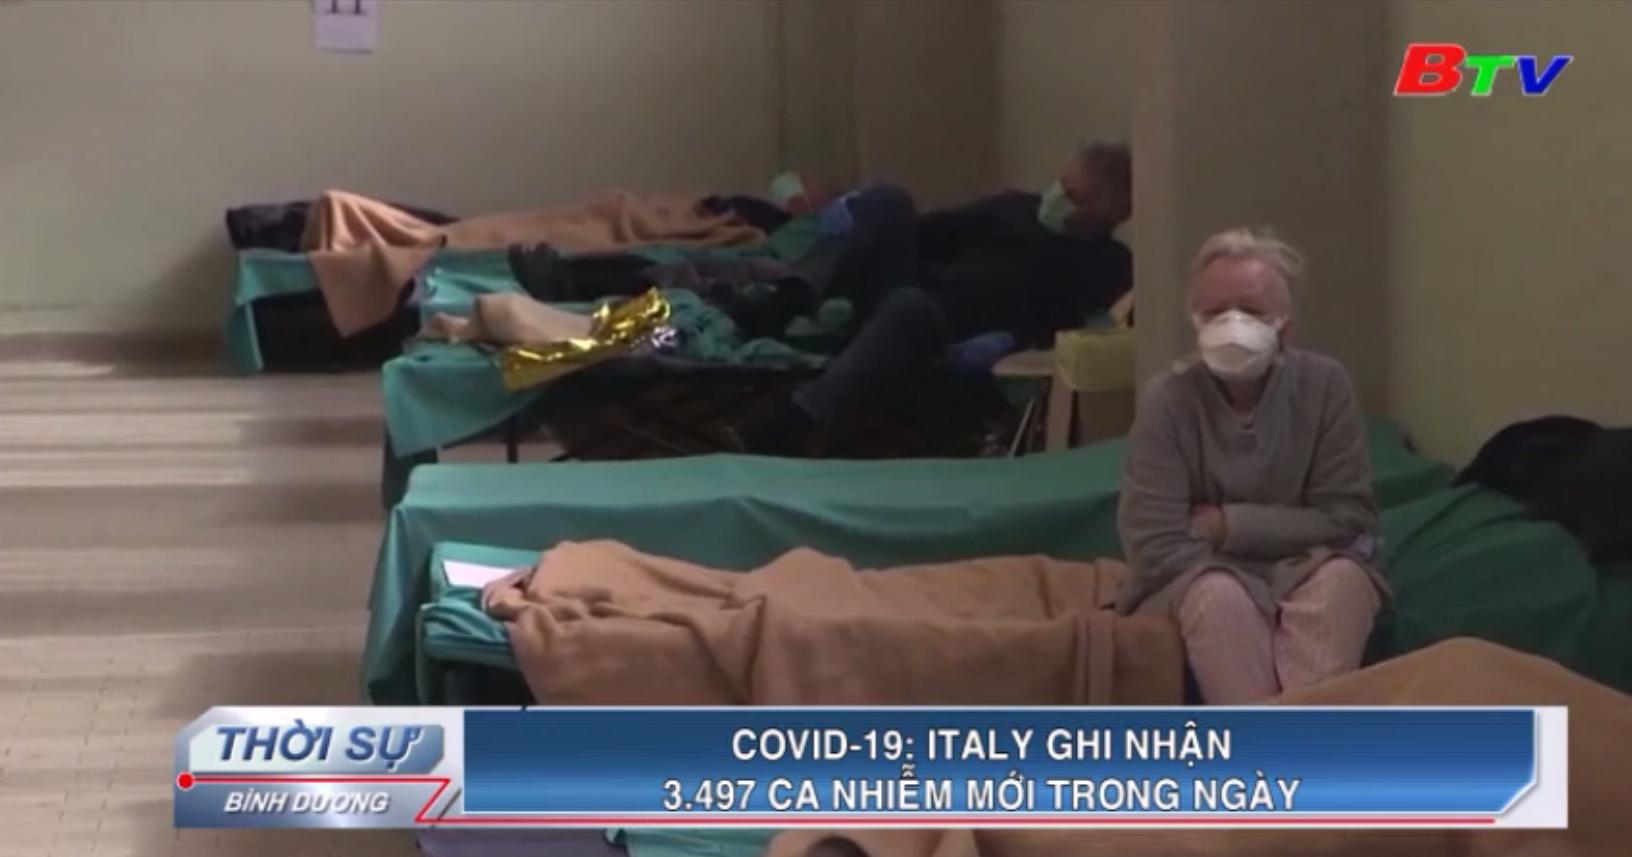 Covid-19 – Italy ghi nhận 3.497 ca nhiễm mới trong ngày